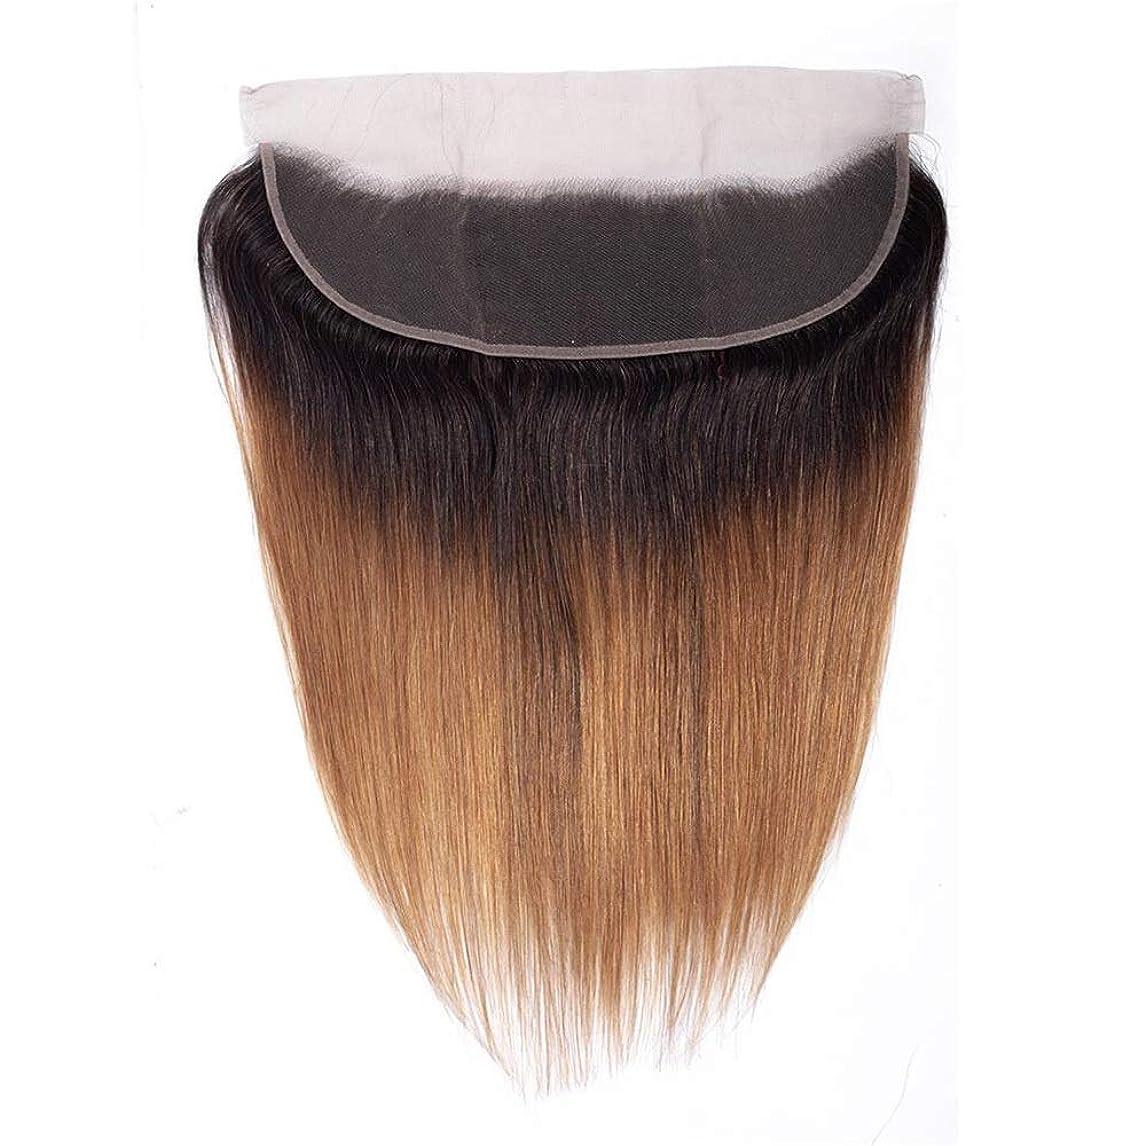 汚染する分析文明化するYESONEEP ブラジルの人間の髪の毛ストレート13 * 4レースクロージャー1B / 30黒から茶色の2トーンの色(8インチ18インチ)かつらショートかつら (Color : ブラウン, サイズ : 12 inch)